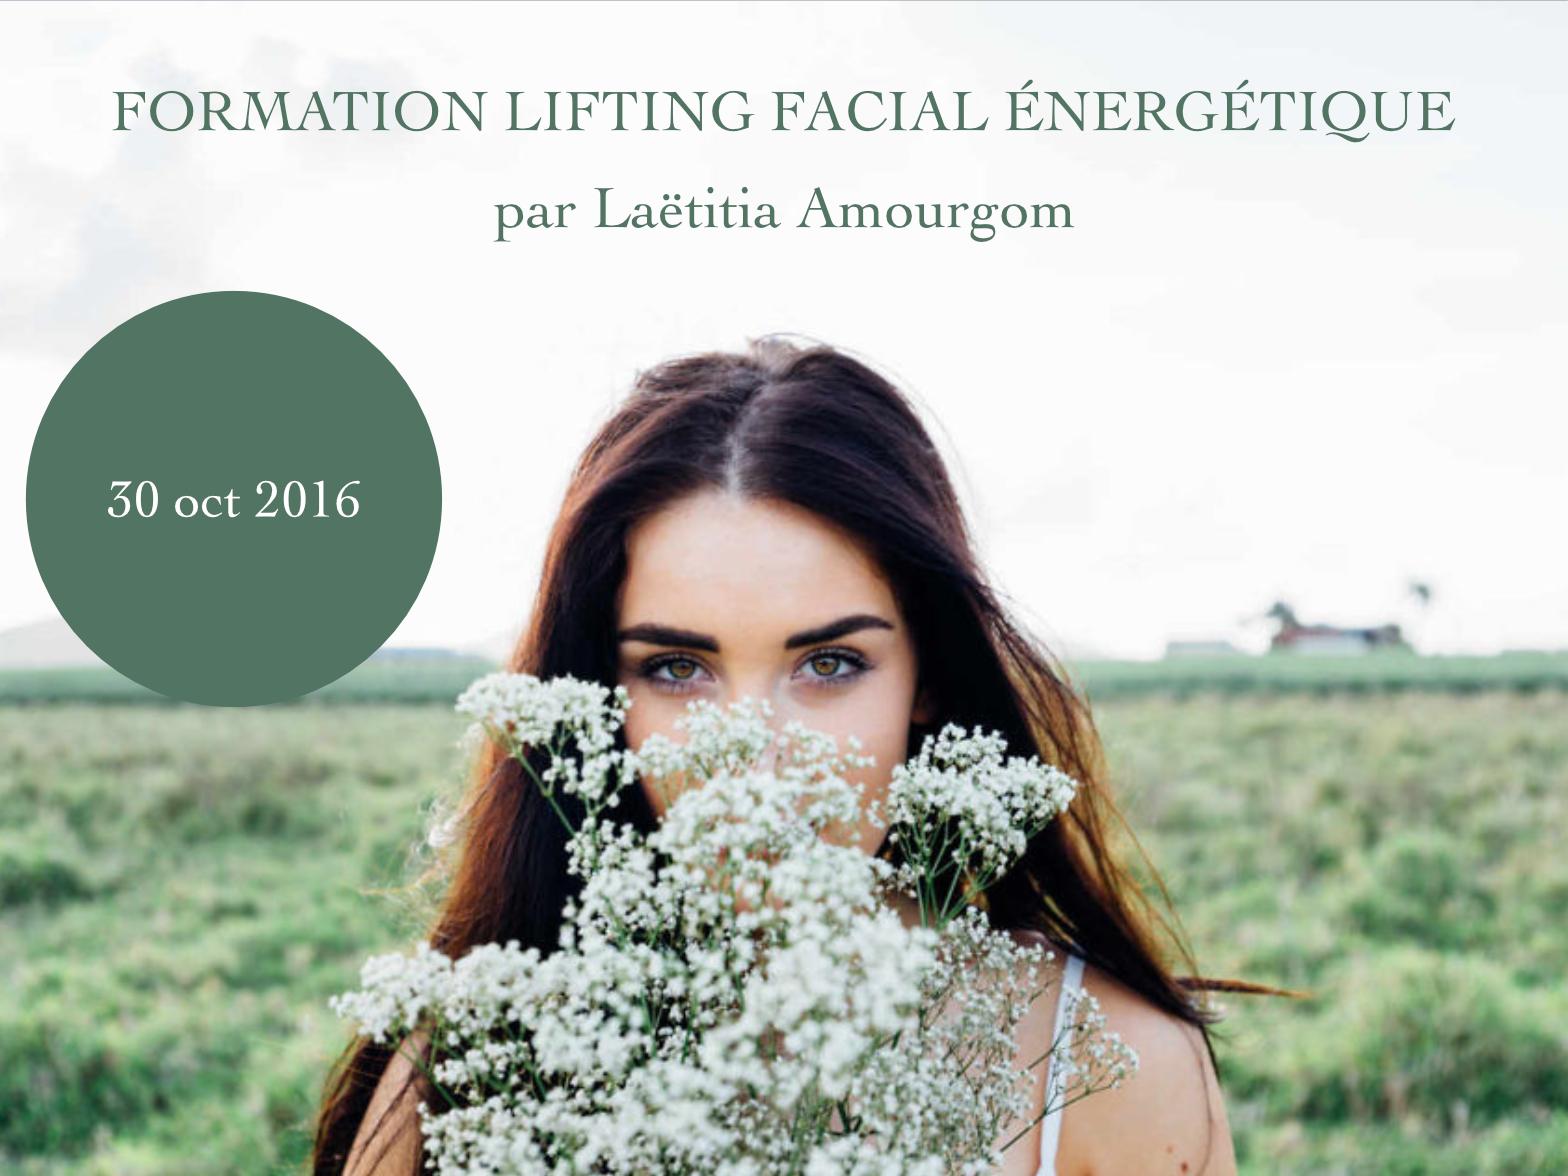 formation lifting facial énergétique - Réunion - 30 oct 2016 - Être Soi